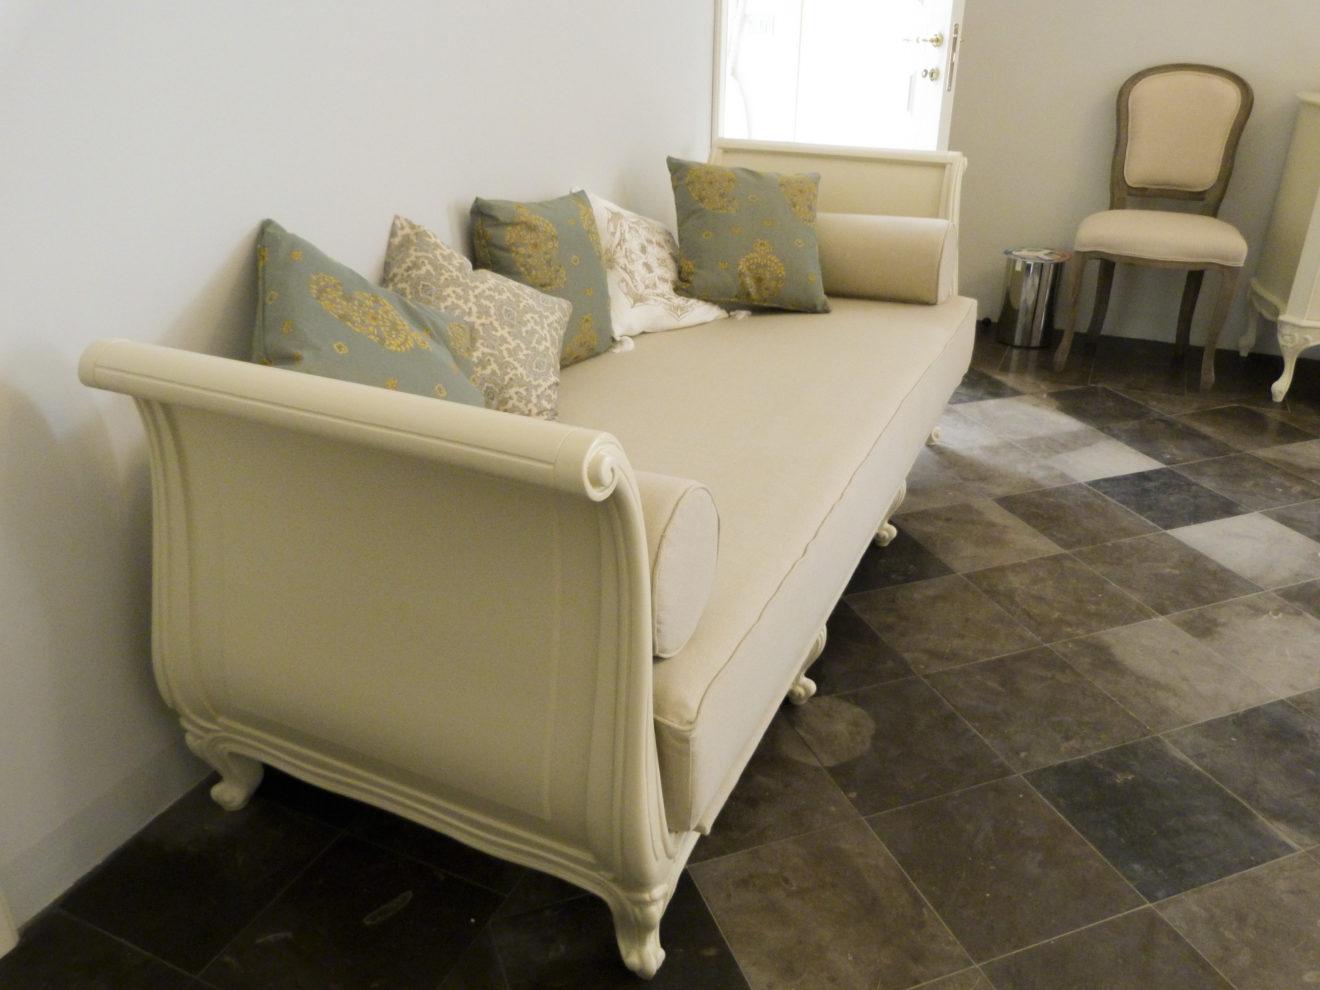 Suite_Cattedrale_5_Gagliardi_Boutique_hotel_noto_centro_Barocco_luxury_lusso_29